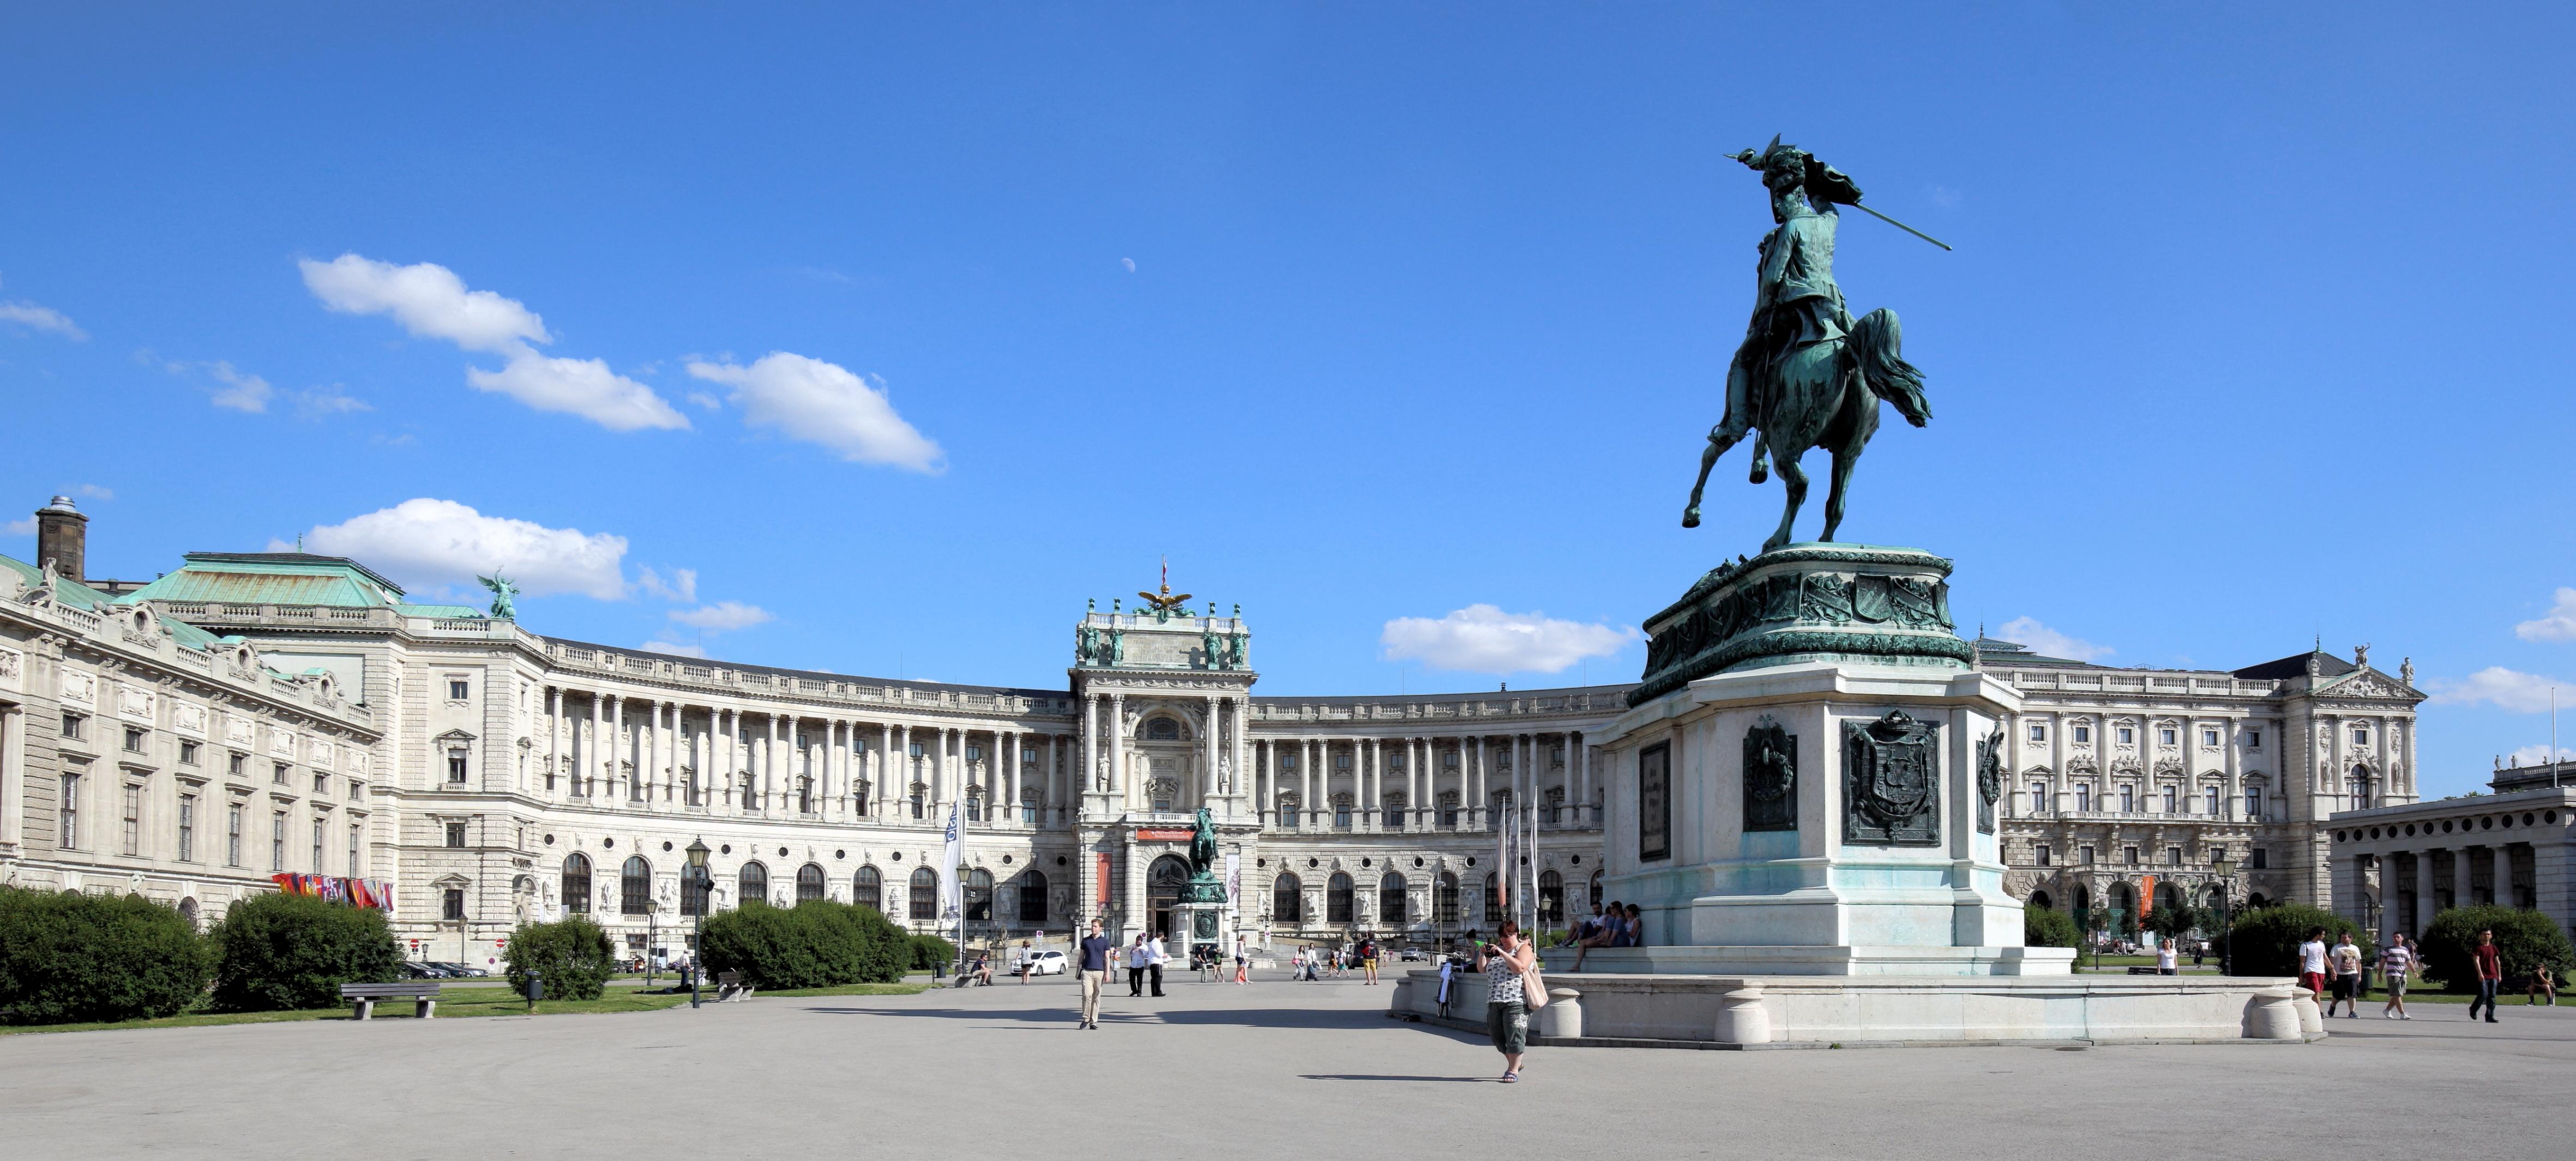 Frauen unterwegs in Europa reisen Wien